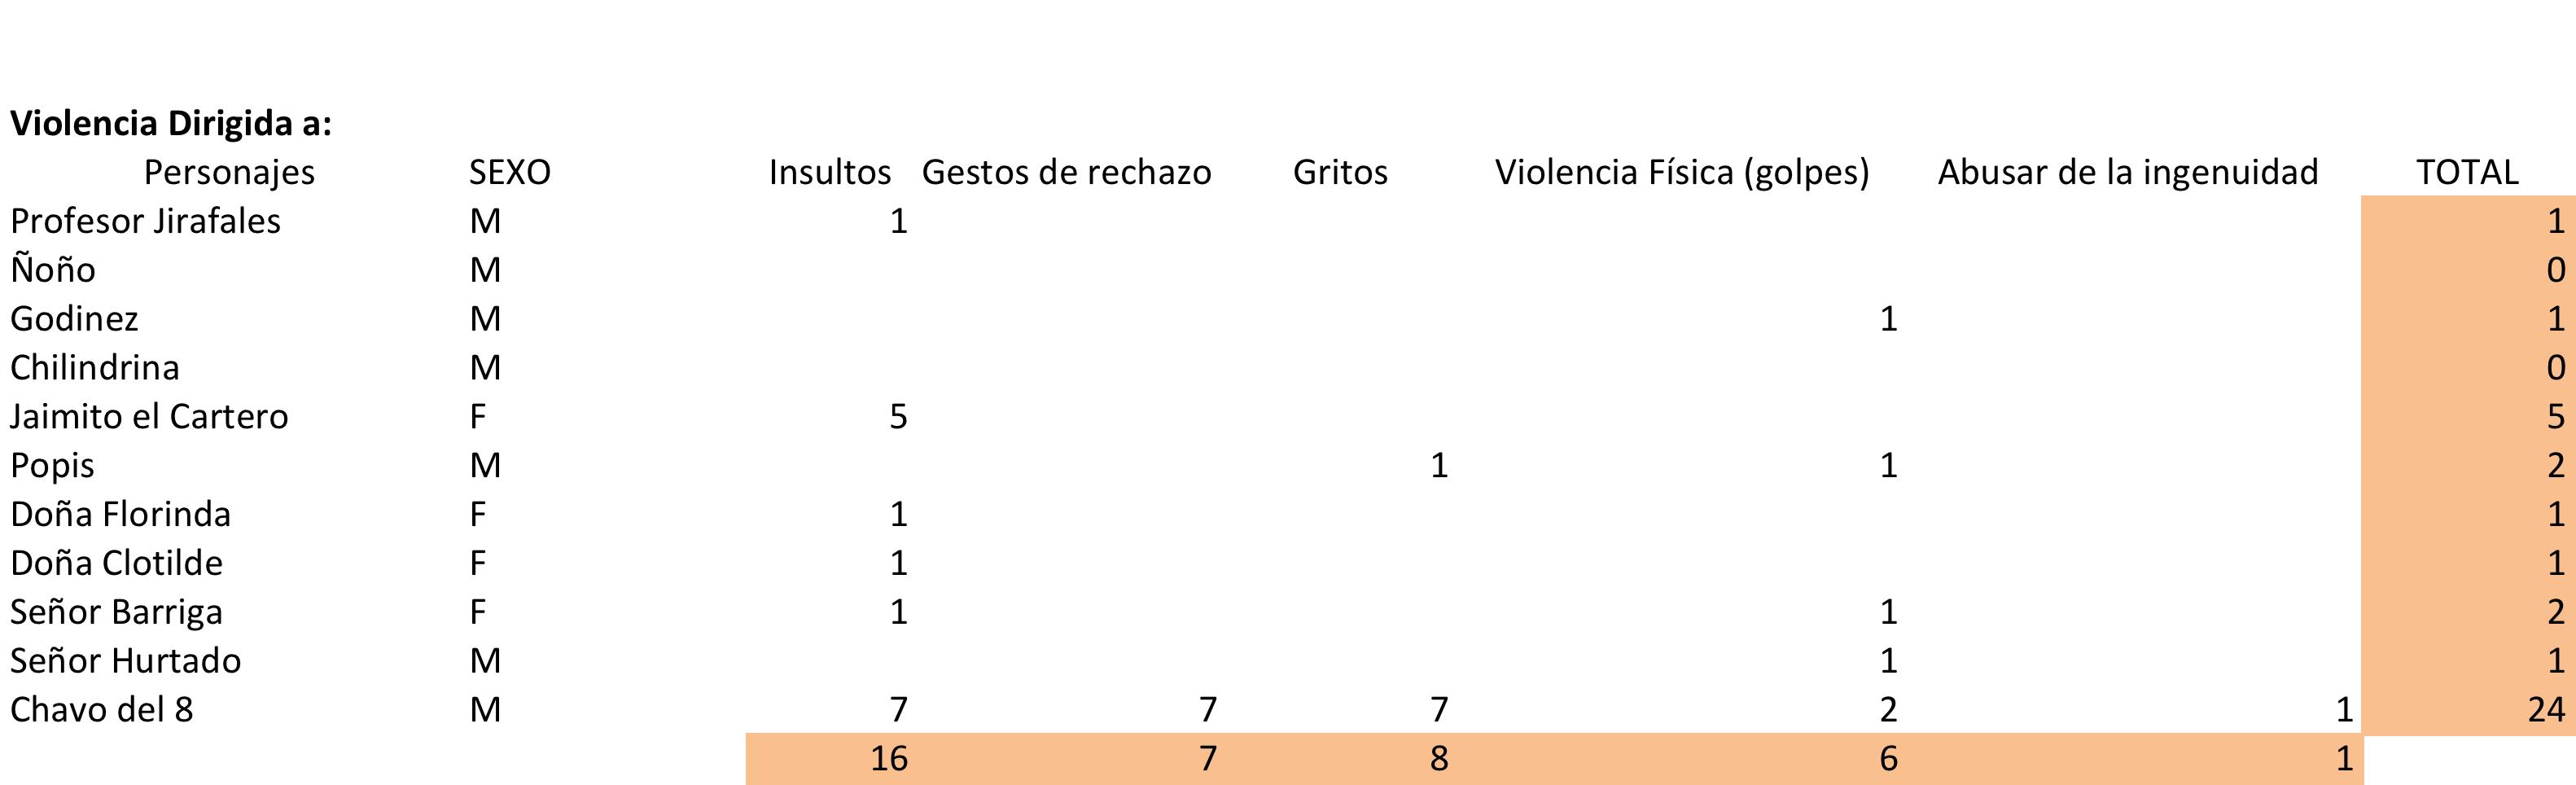 Imagen 6. Registro de violencia dirigida a personajes del sexo femenino y masculino